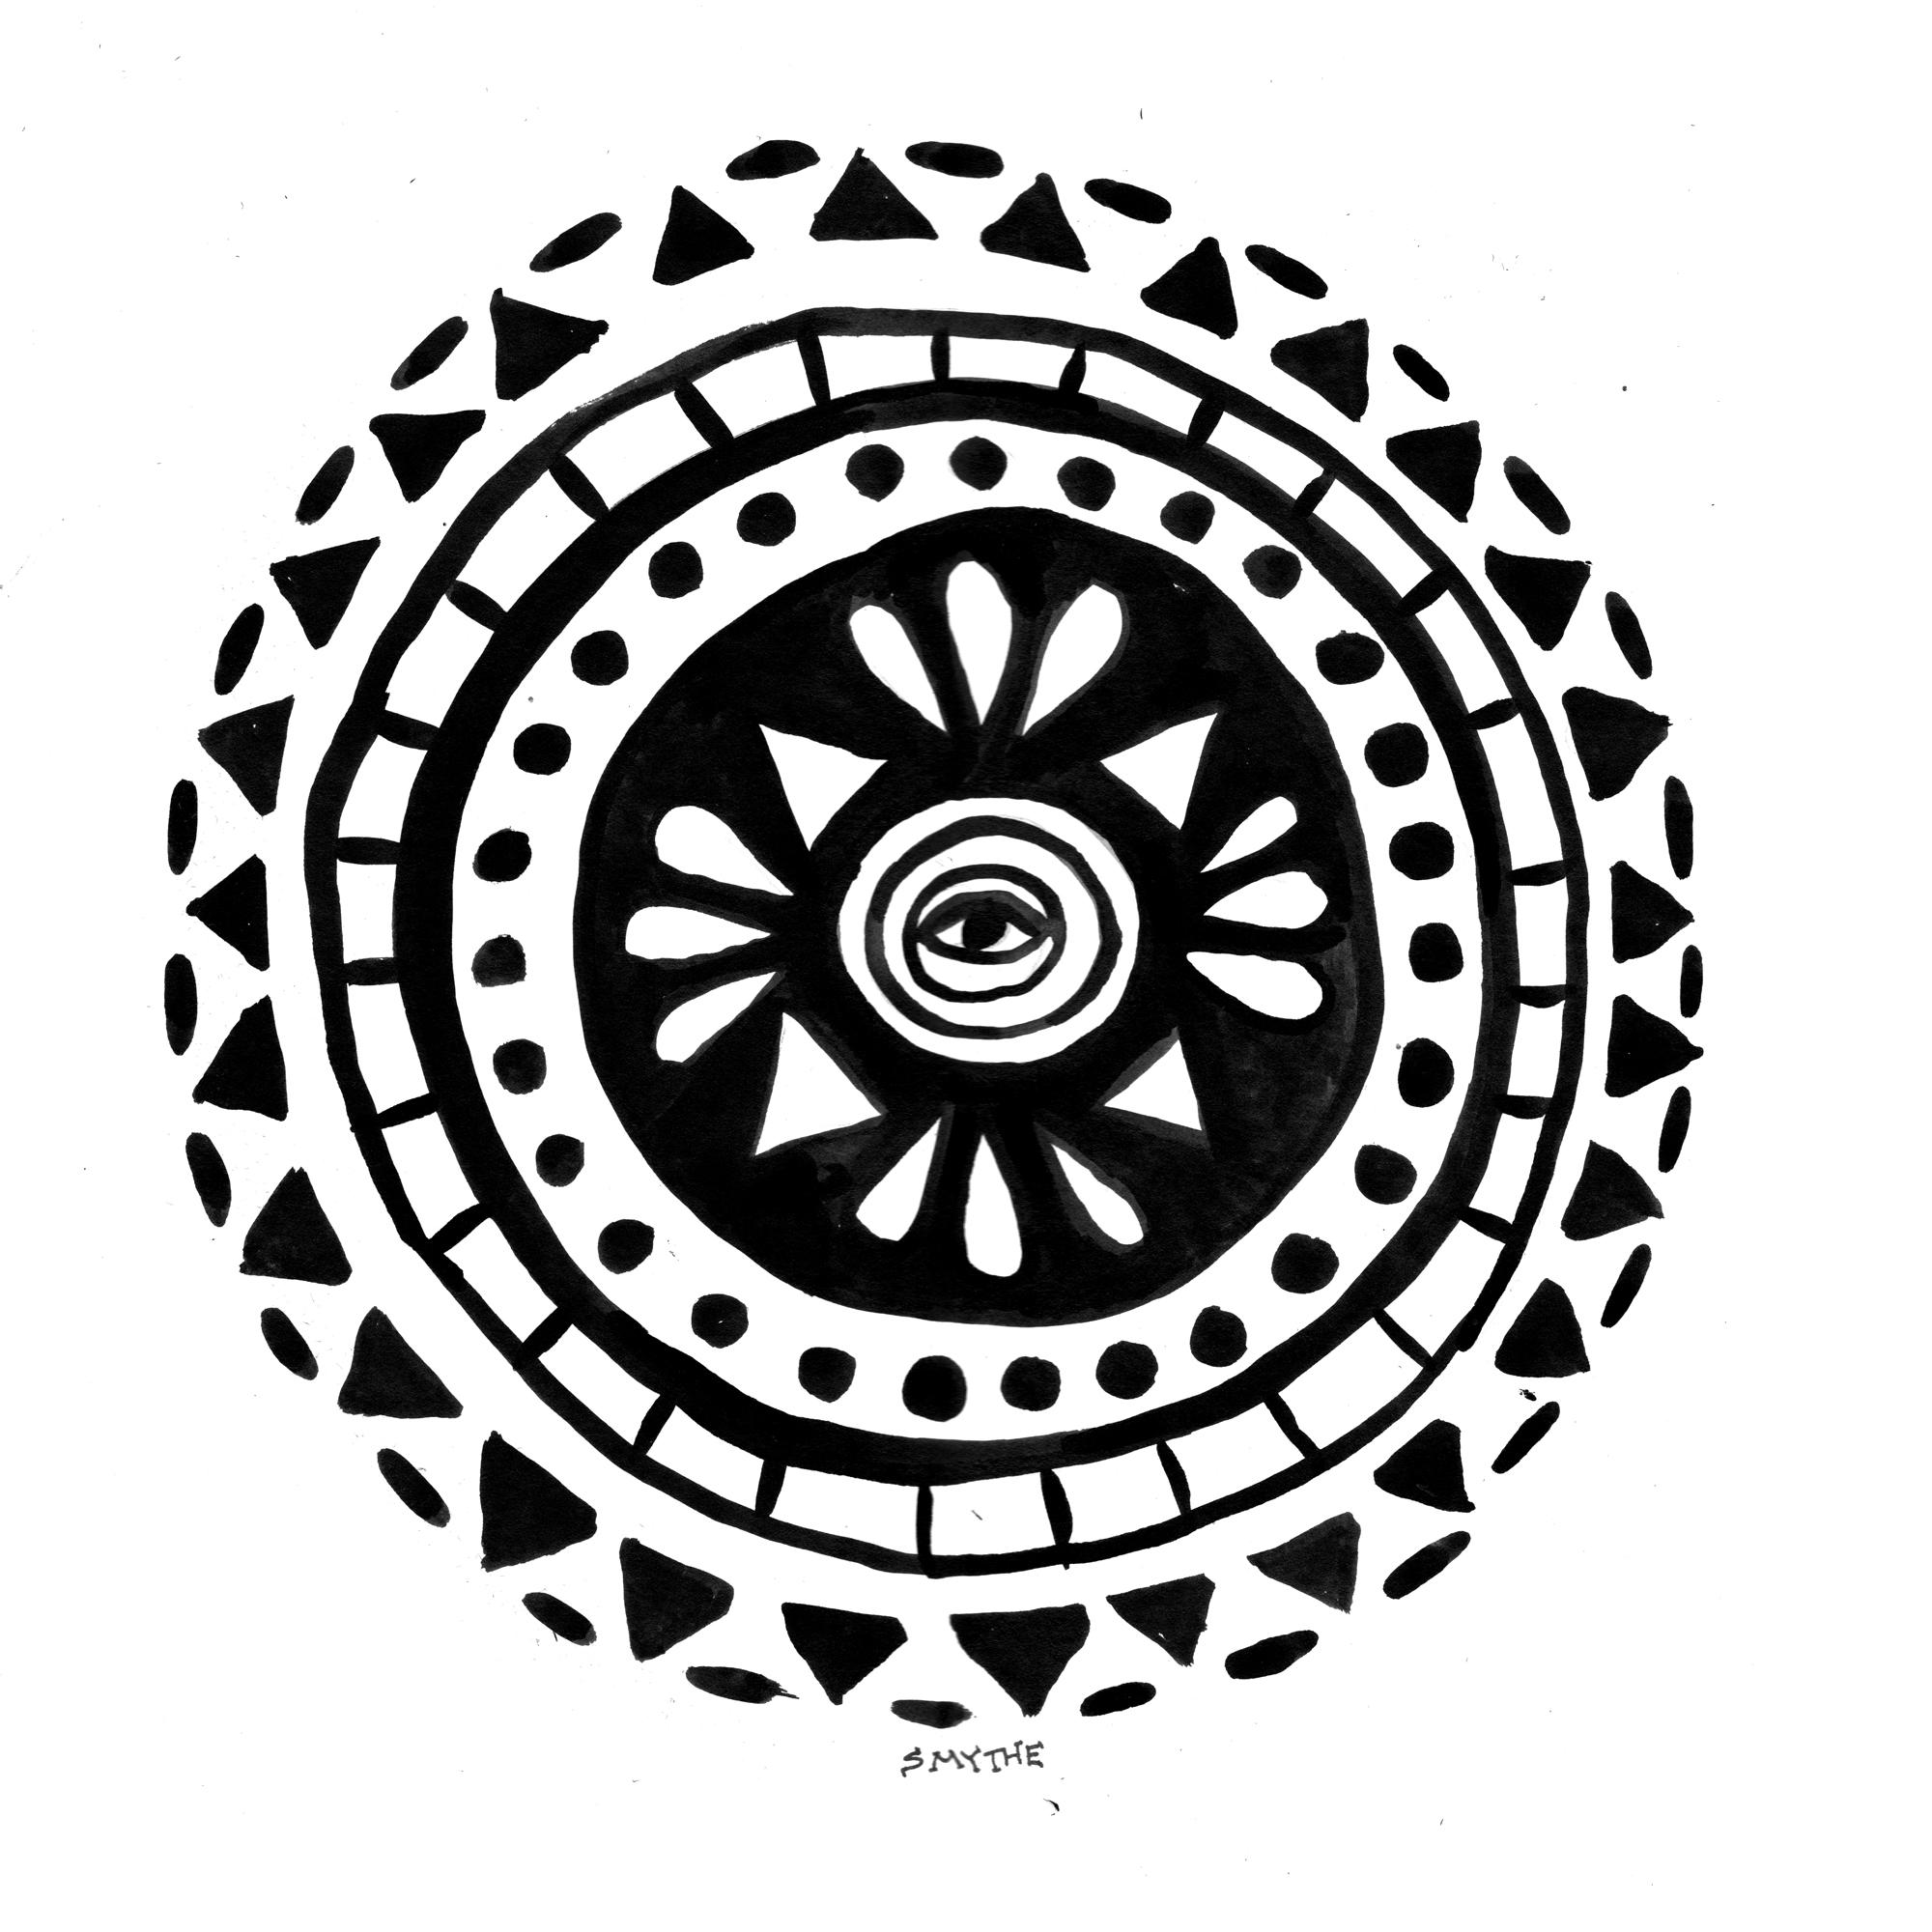 108 Dreams mandala - stuart smythe